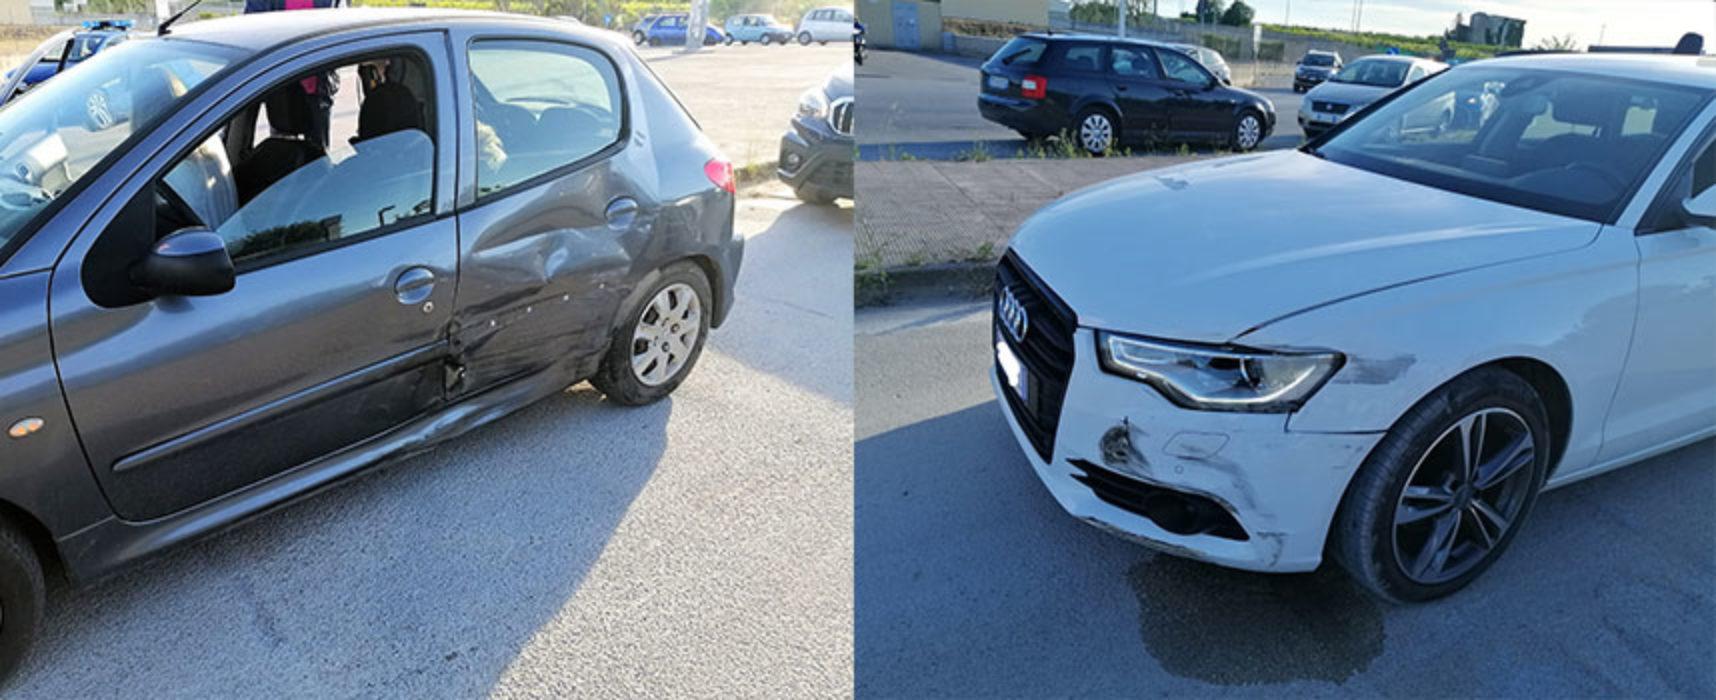 Scontro tra due auto su via Imbriani, donna biscegliese in ospedale